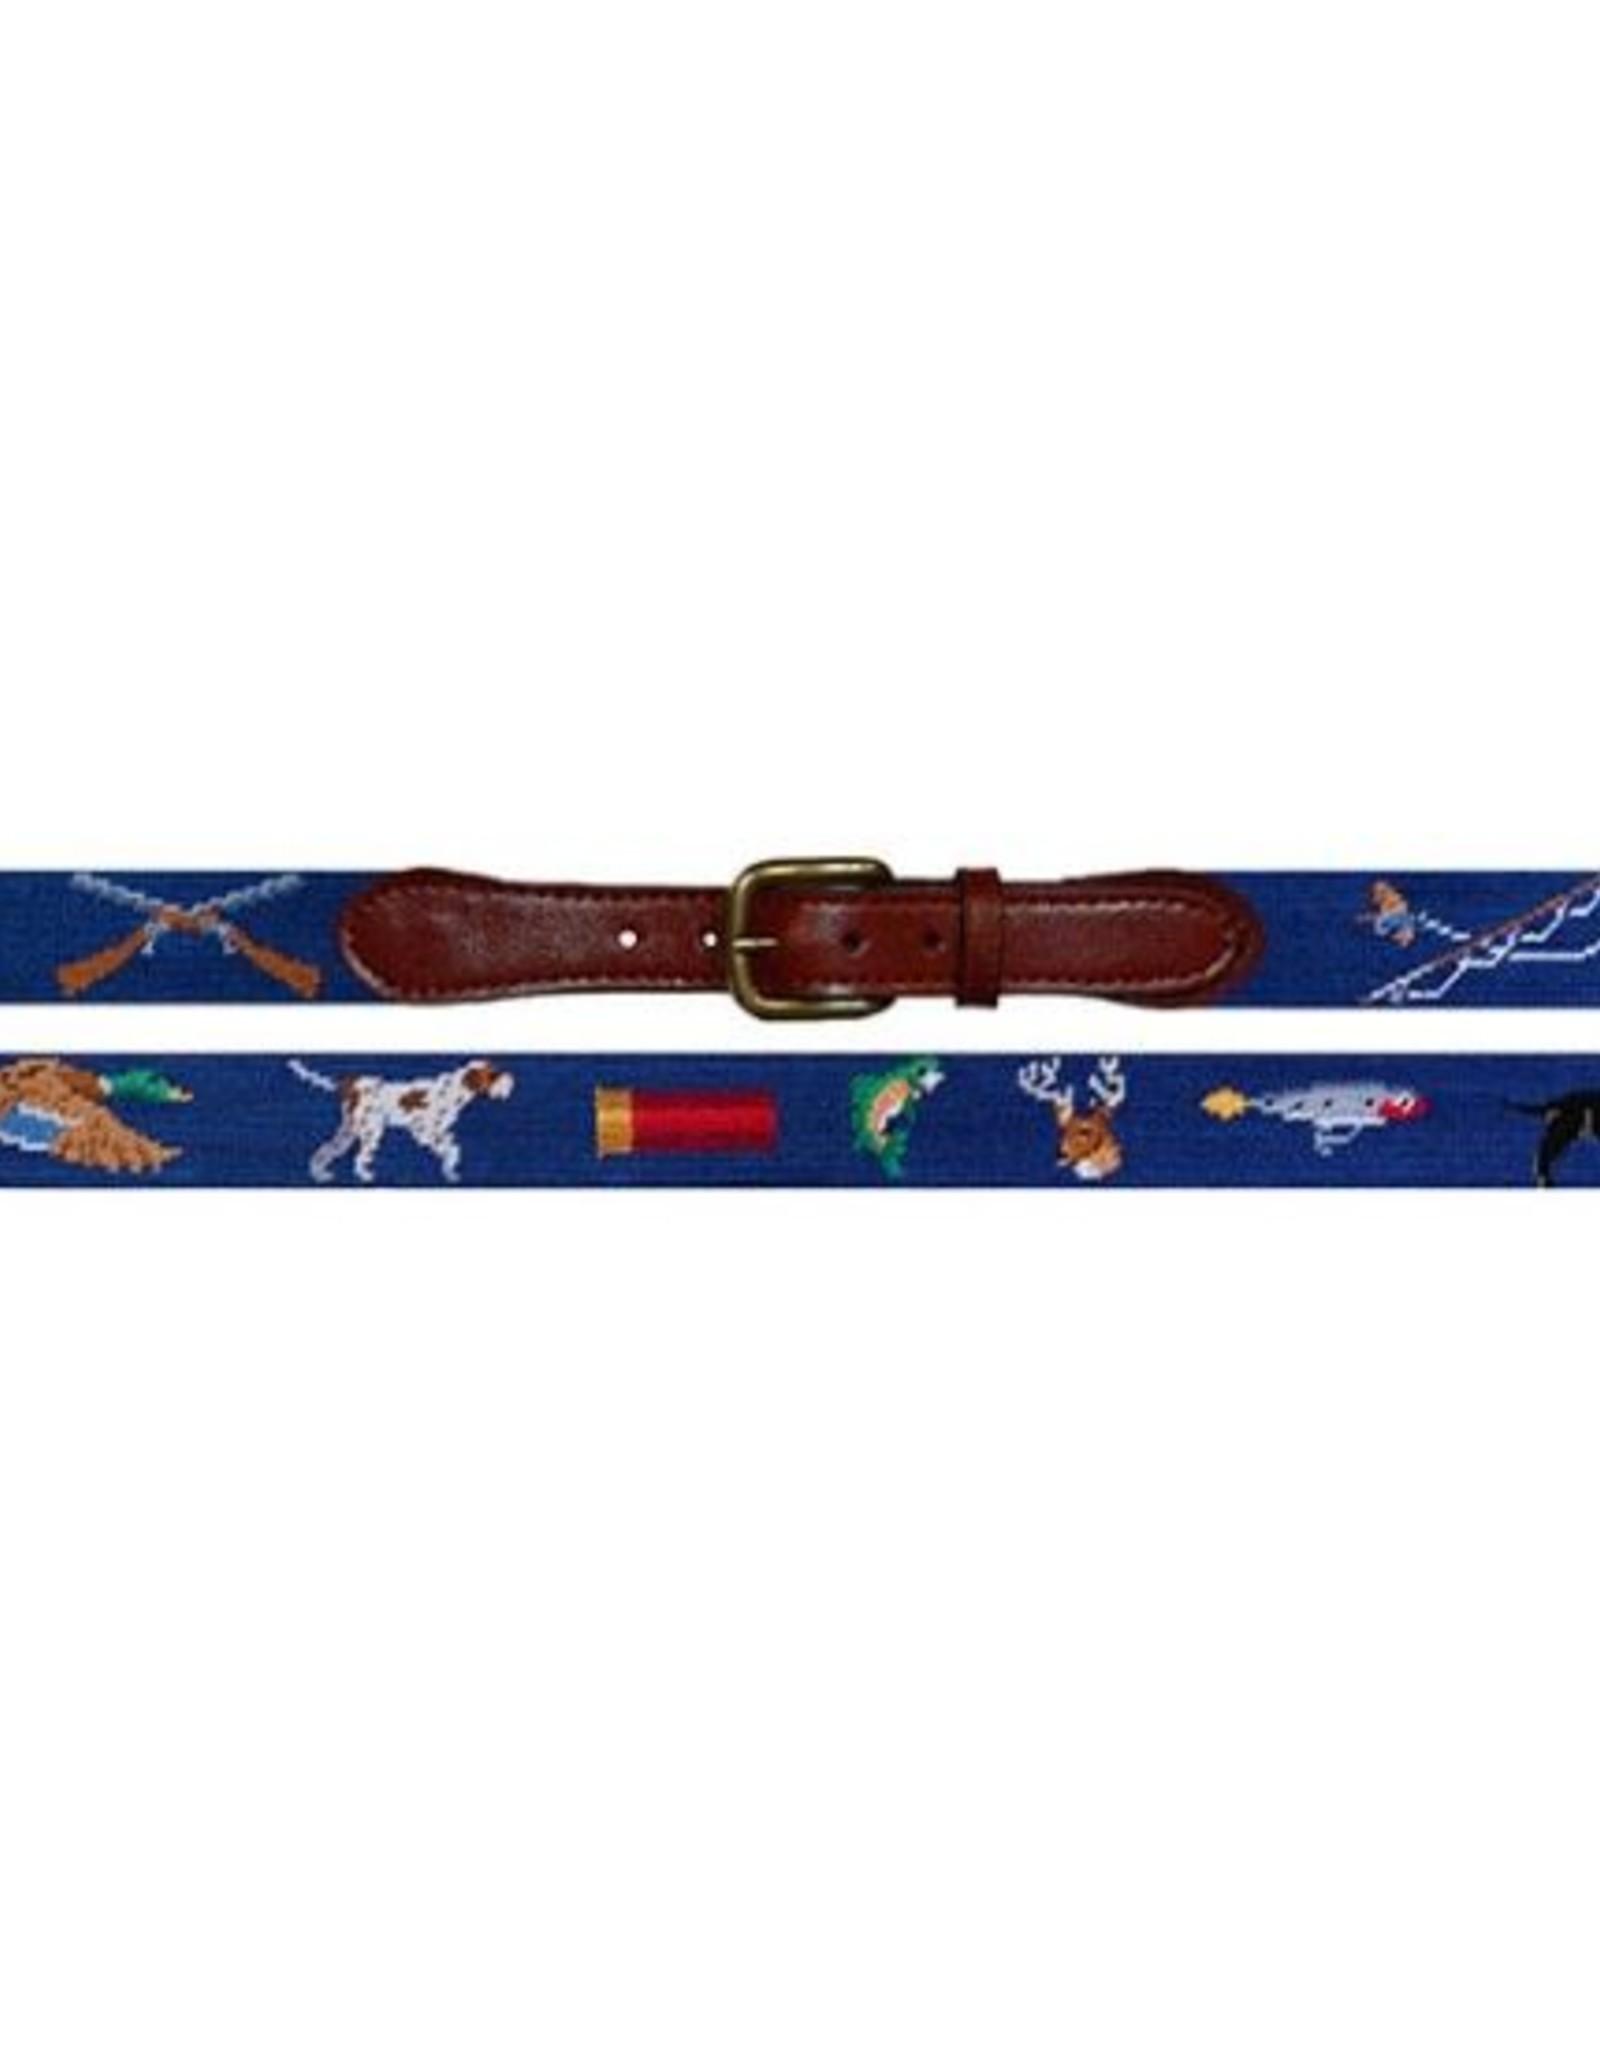 Smathers & Branson Southern Sportsman Needlepoint Belt